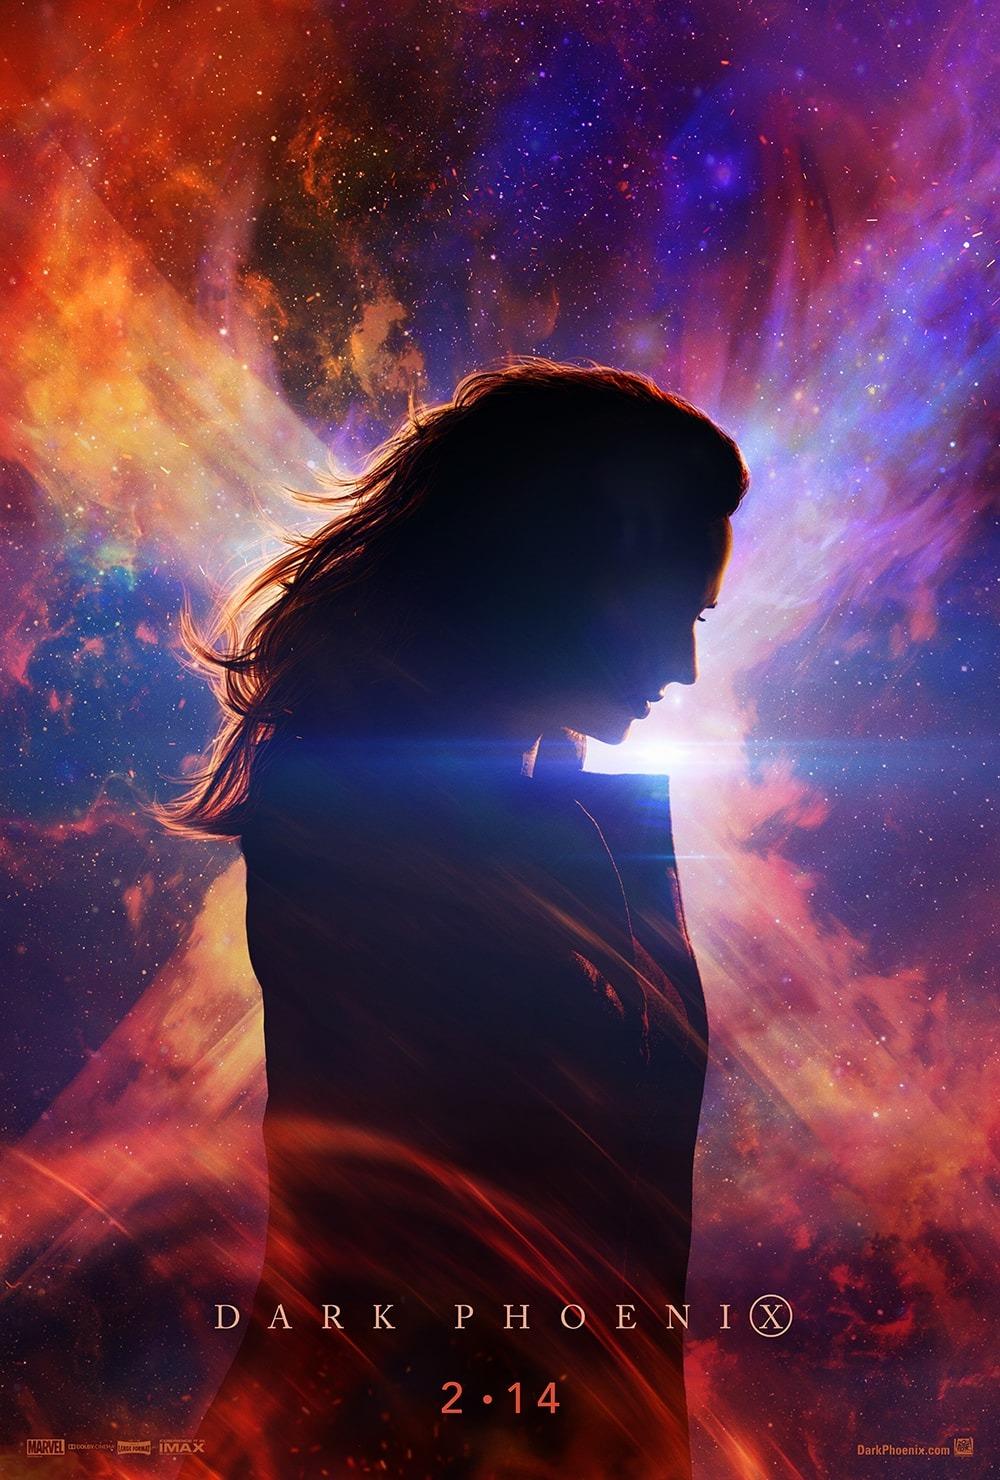 x-men dark phoenix poster ile ilgili görsel sonucu